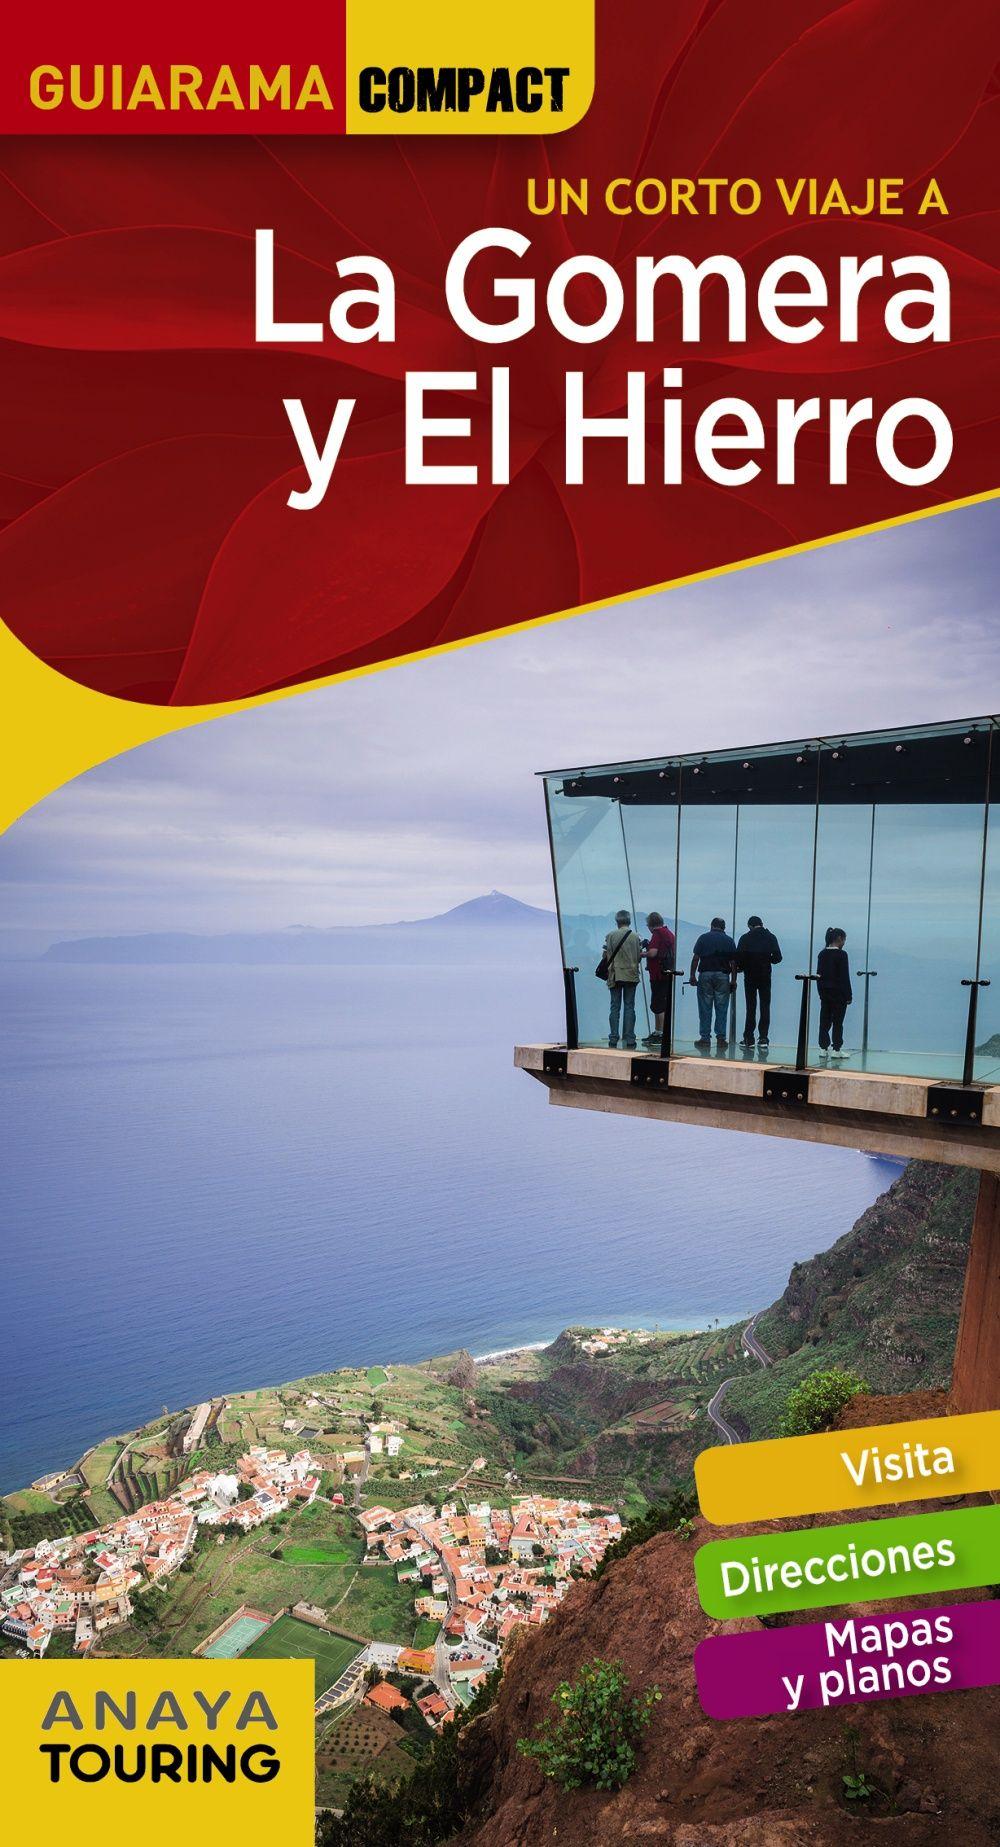 LA GOMERA Y EL HIERRO GUIARAMA